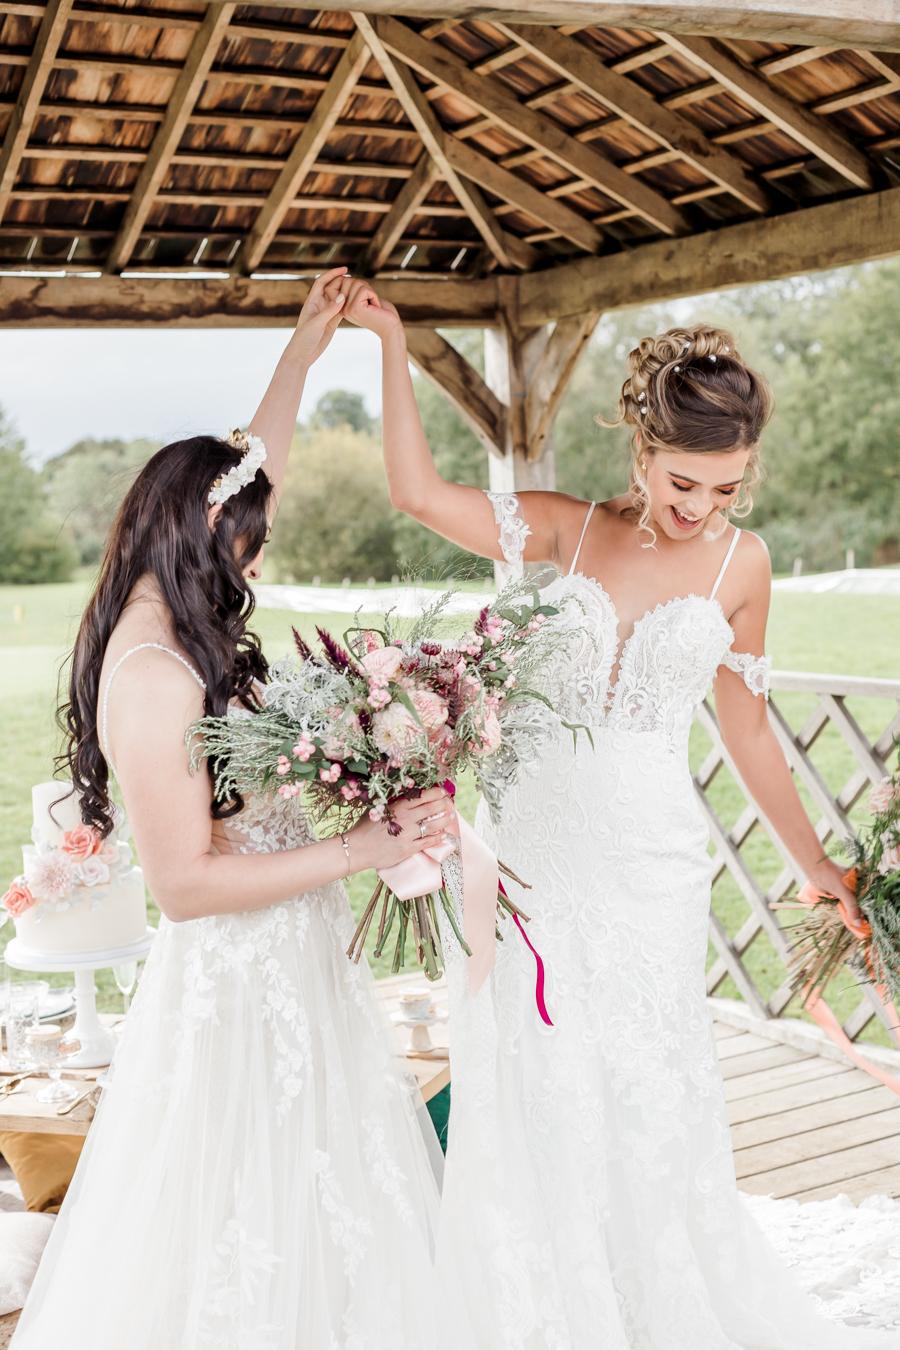 Hertfordshire Boho Themed Styled Wedding Shoot, photographer credit Absolute Photo UK (21)